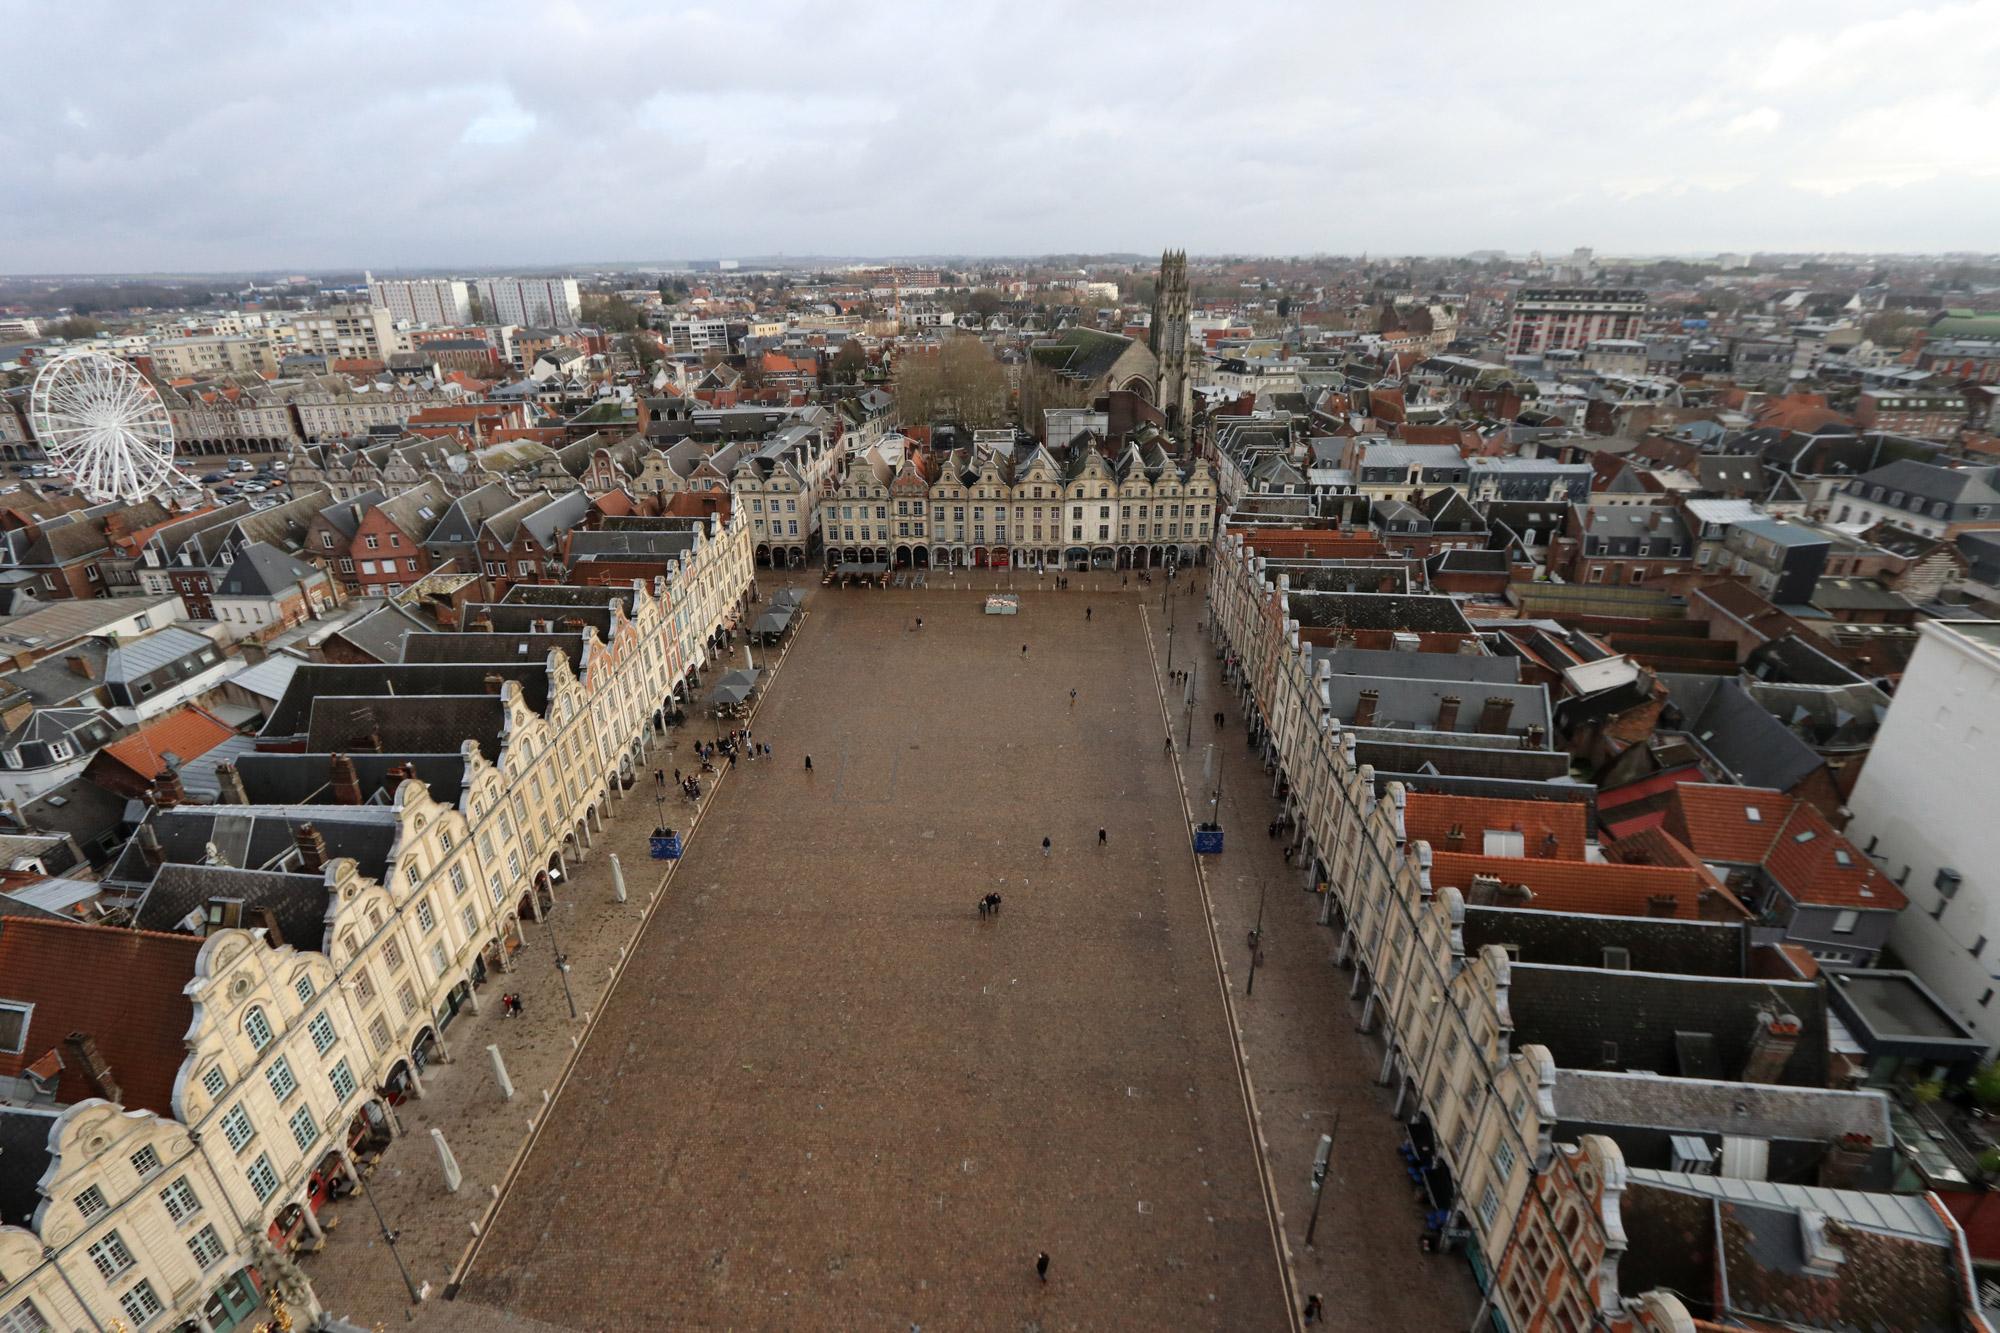 Stedentrip Arras - Uitzicht vanaf het Belfort van Arras